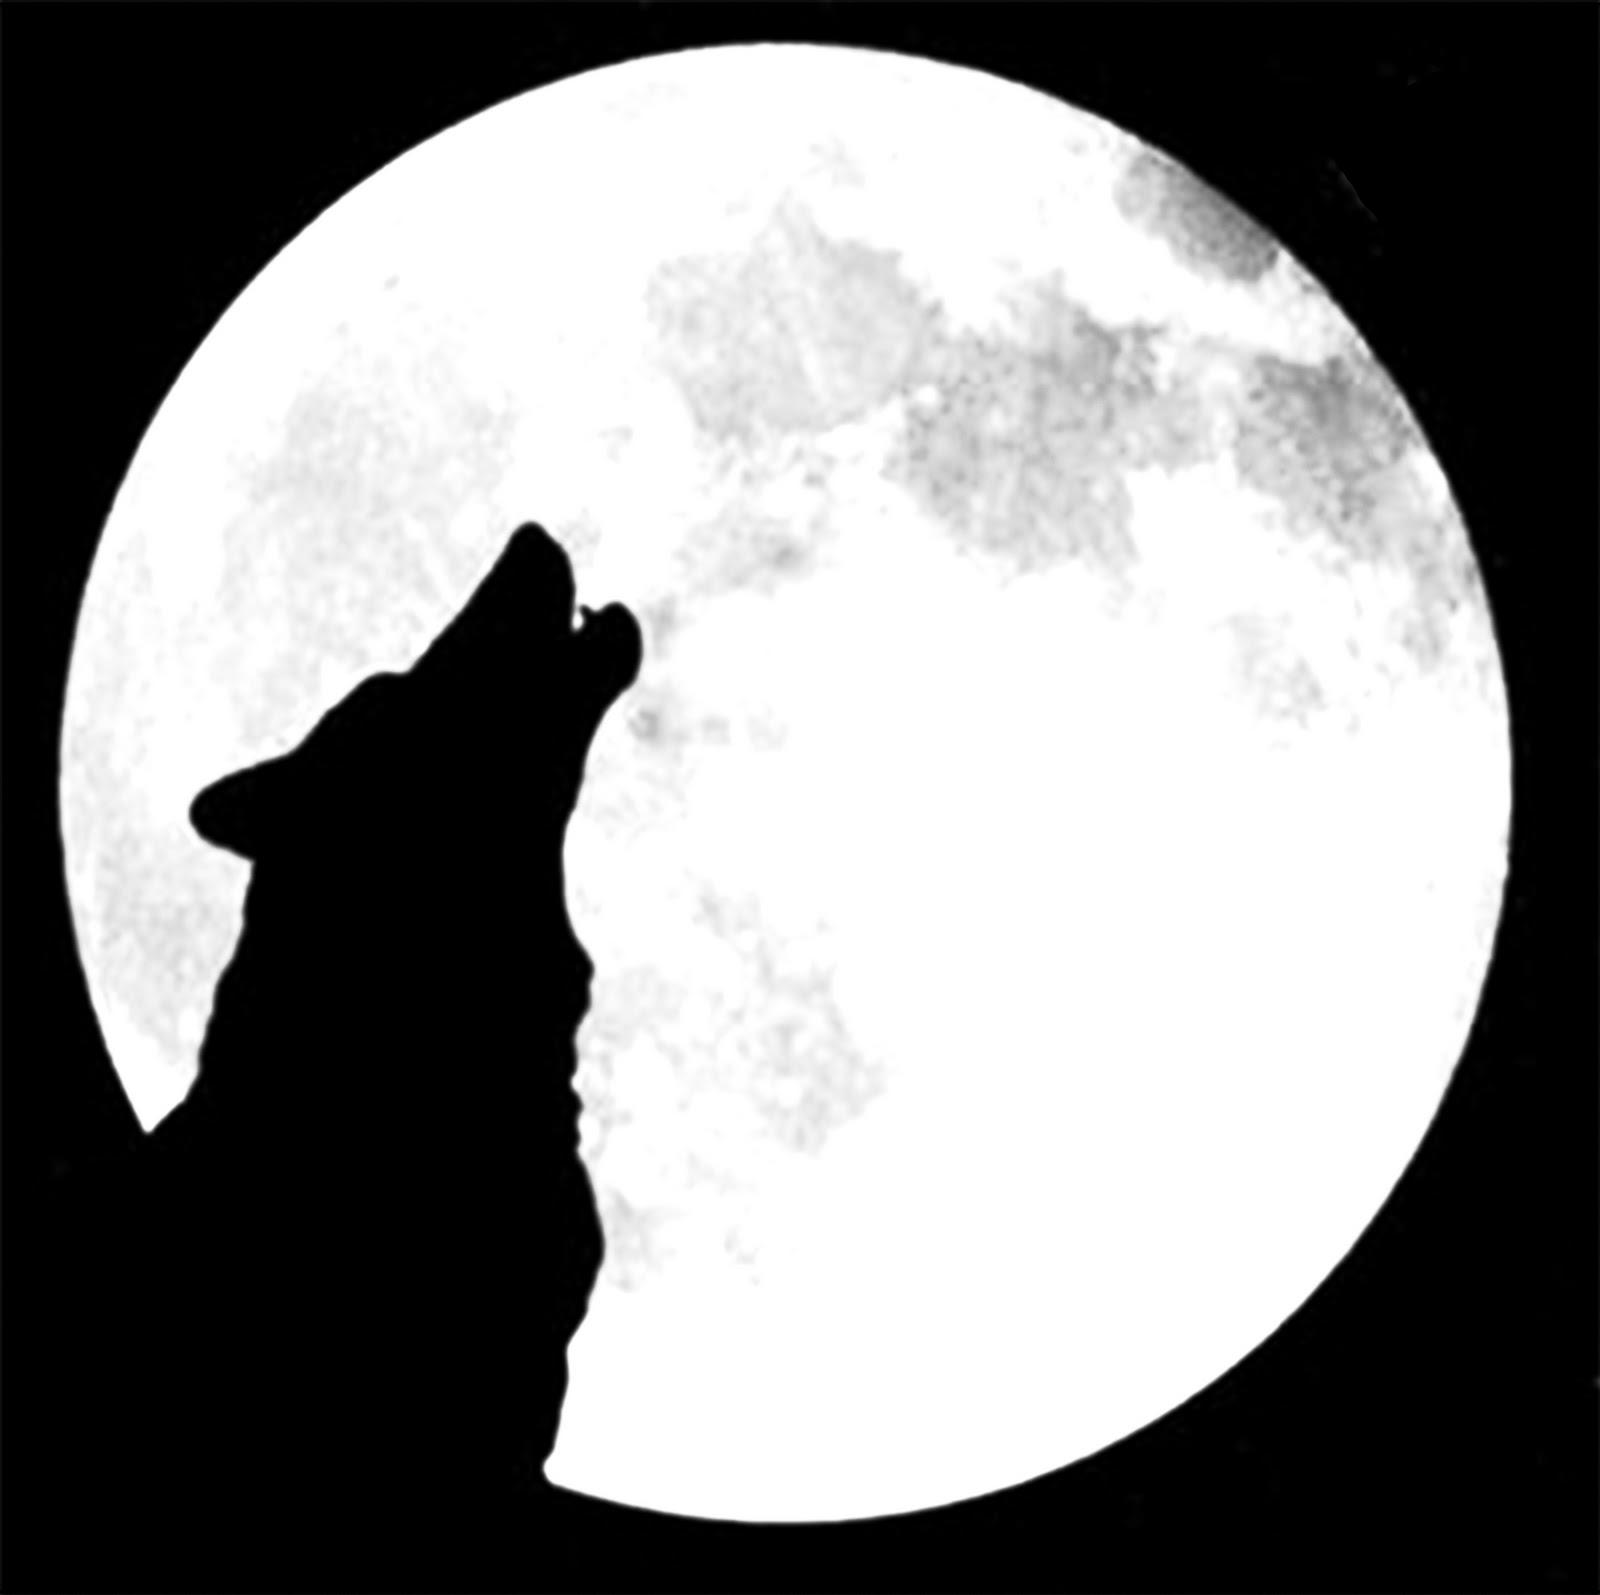 DREAMSMITHS Lobos solitarios